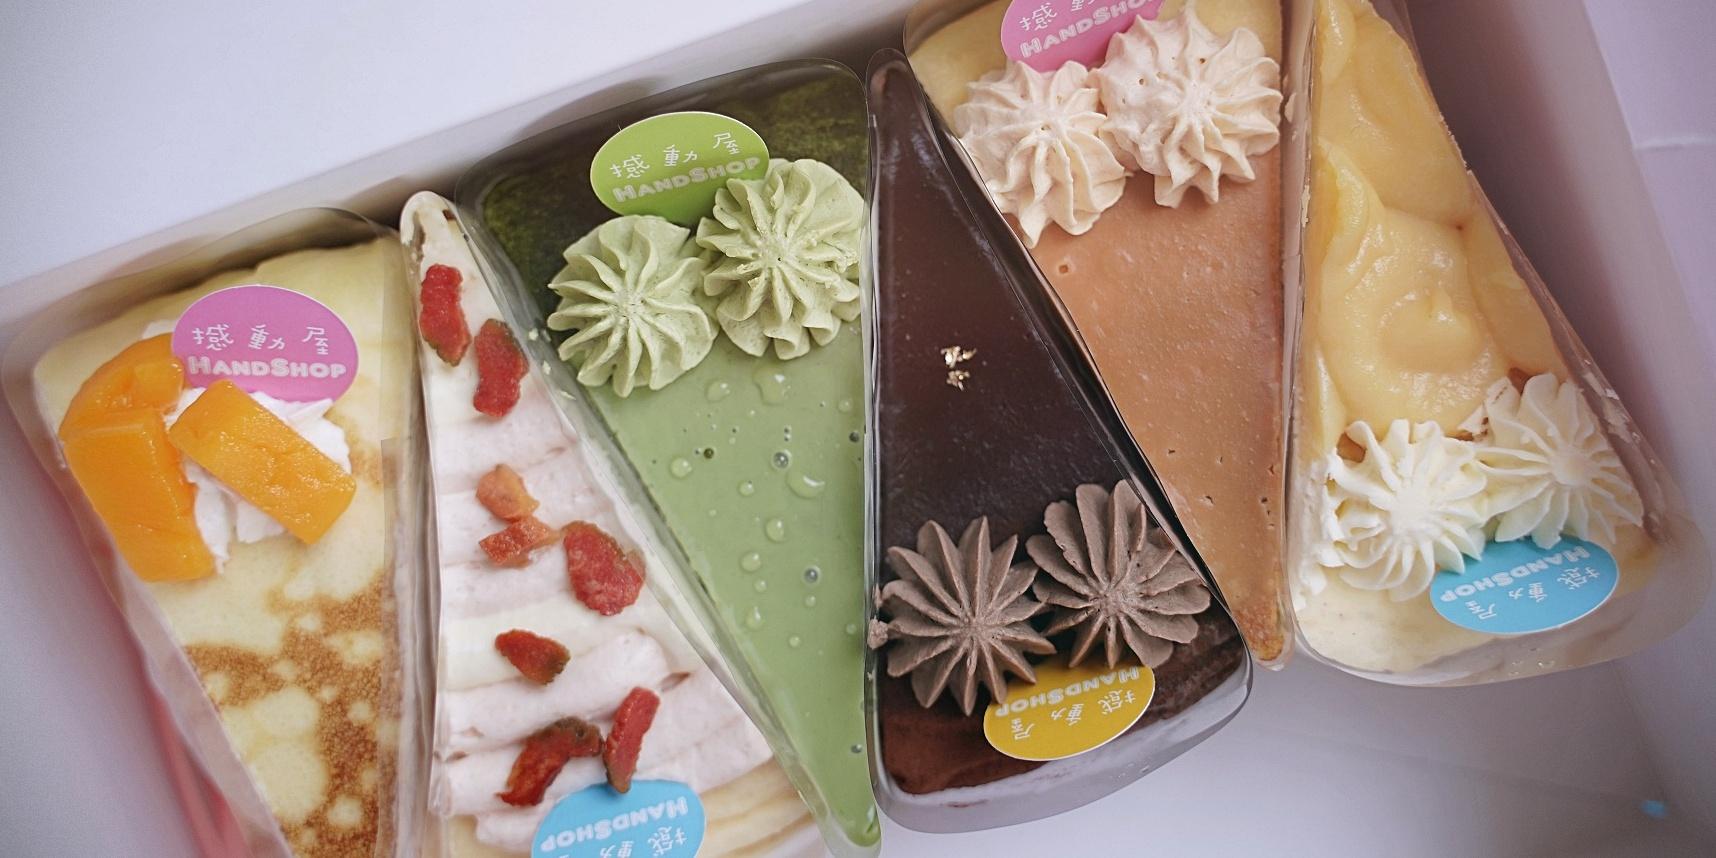 淡水 | 撼動屋 | 限定6種口味千層,超美味cp值又高的千層蛋糕 (菜單價格)